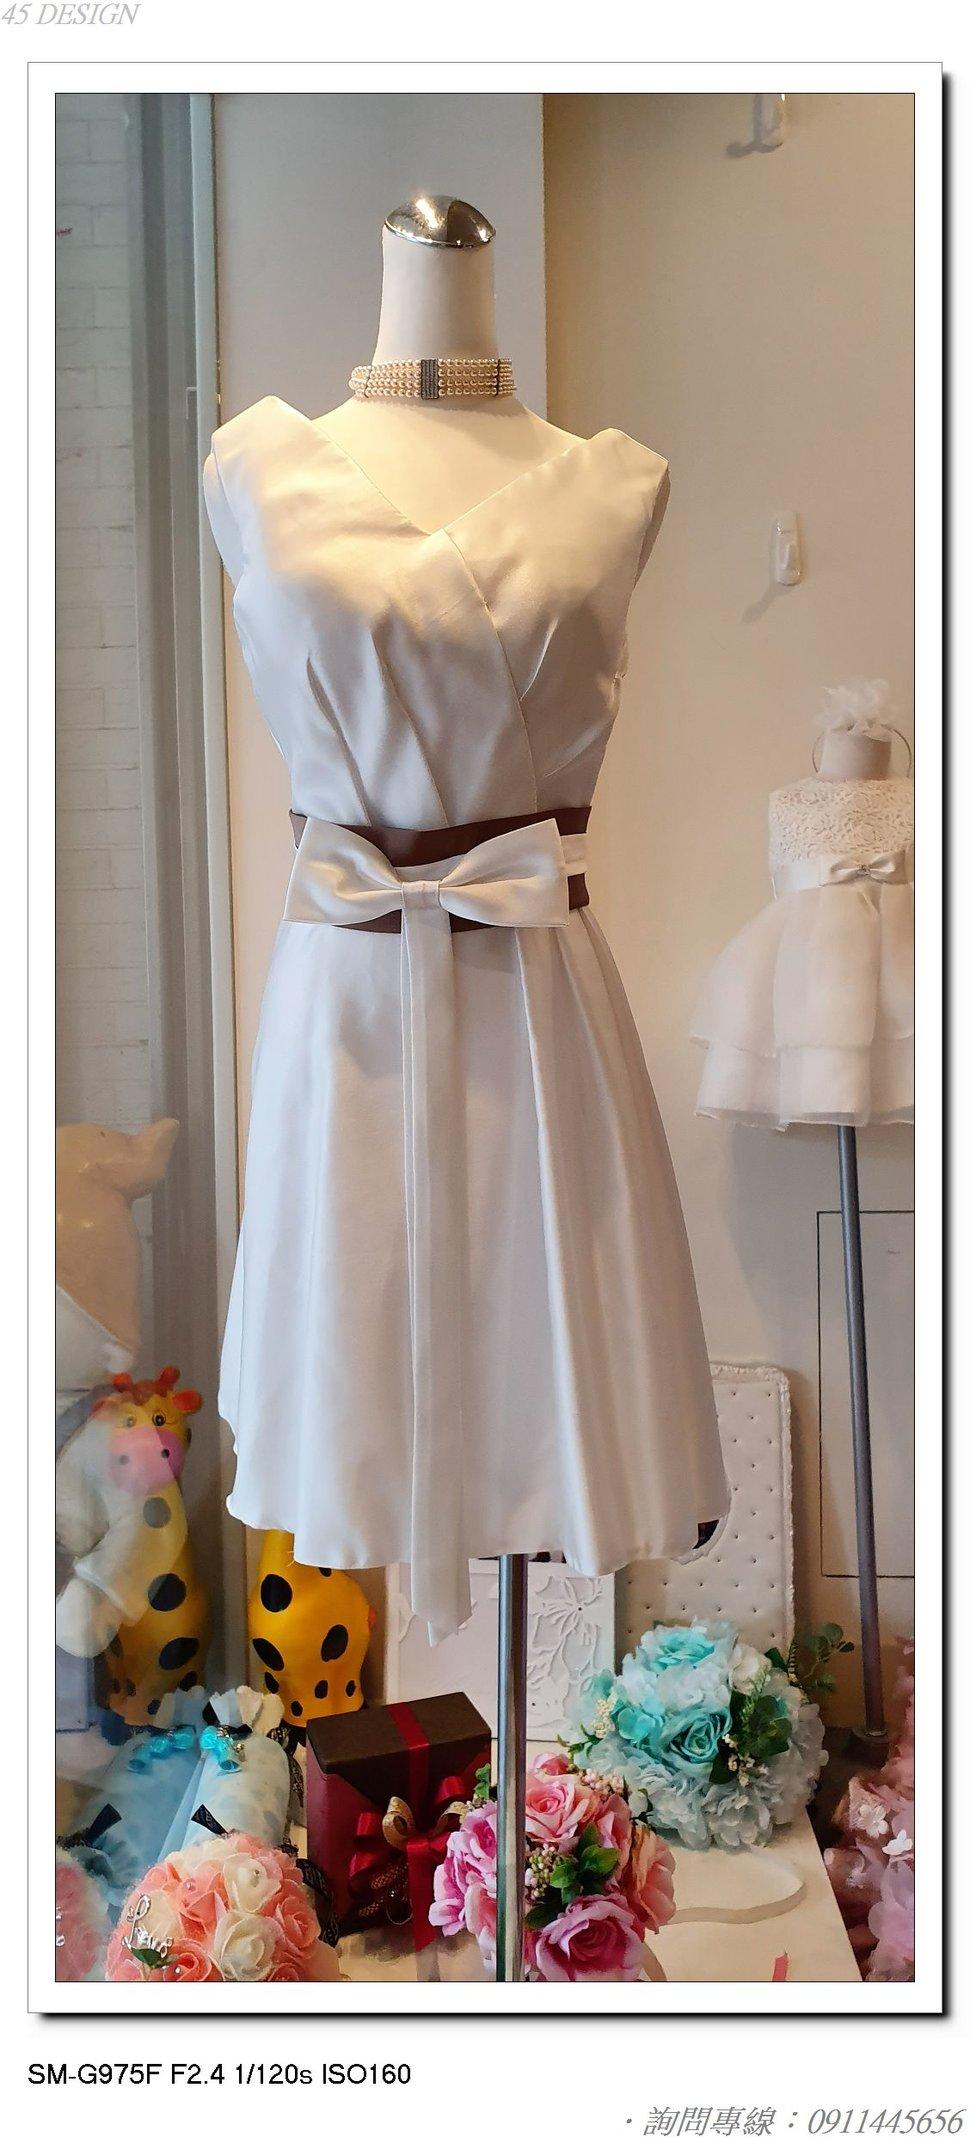 20200214_154116 - 全台最便宜-45DESIGN四五婚紗禮服《結婚吧》